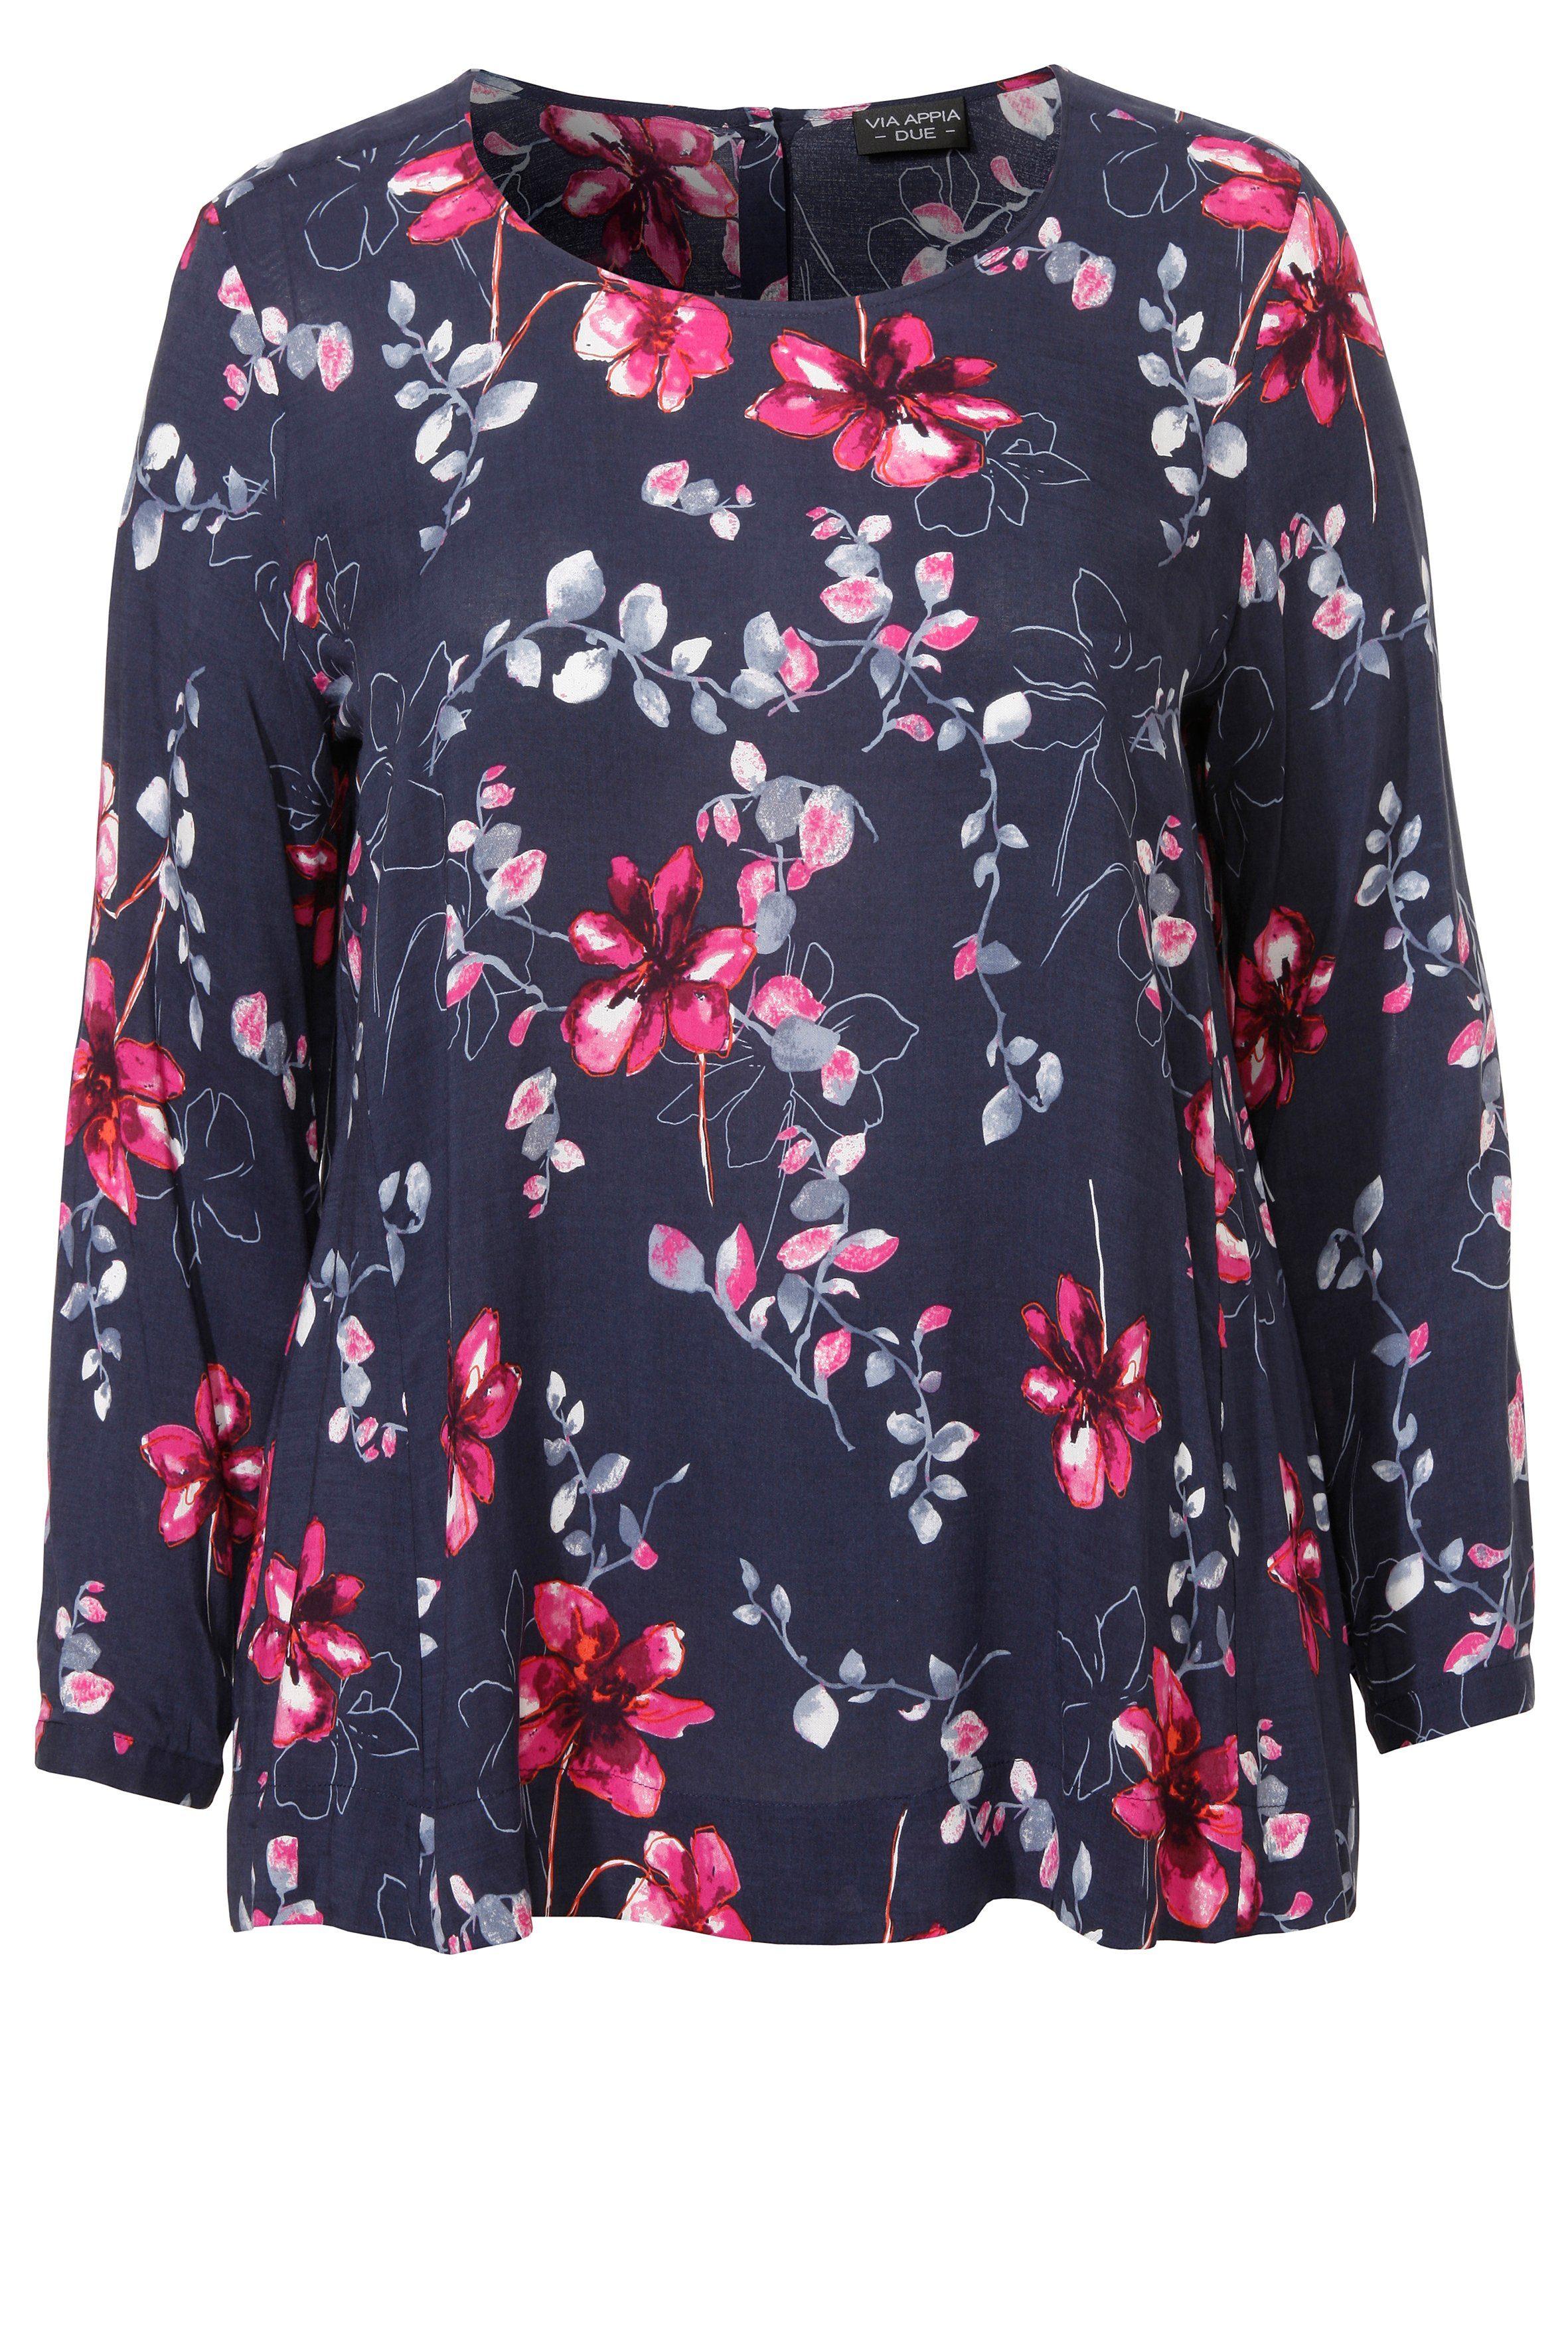 VIA APPIA DUE Romantische Bluse mit floralem Print